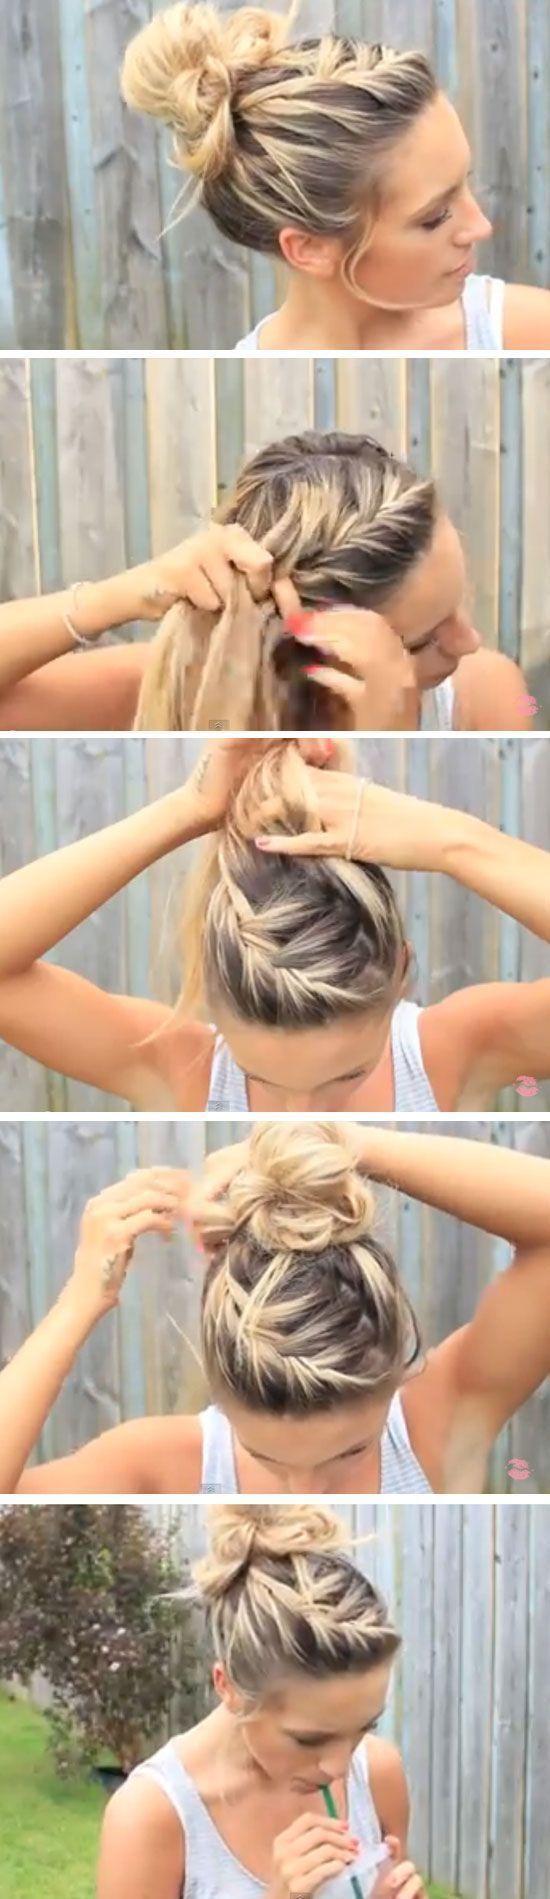 Estos #peinados con trenzas te permitirán estar cómoda y lucir bella en cualquier ocasión. Descubre el #PasoAPaso aquí. #PeinadosPasoaPaso #PeinadosConTrenzas #Cabello